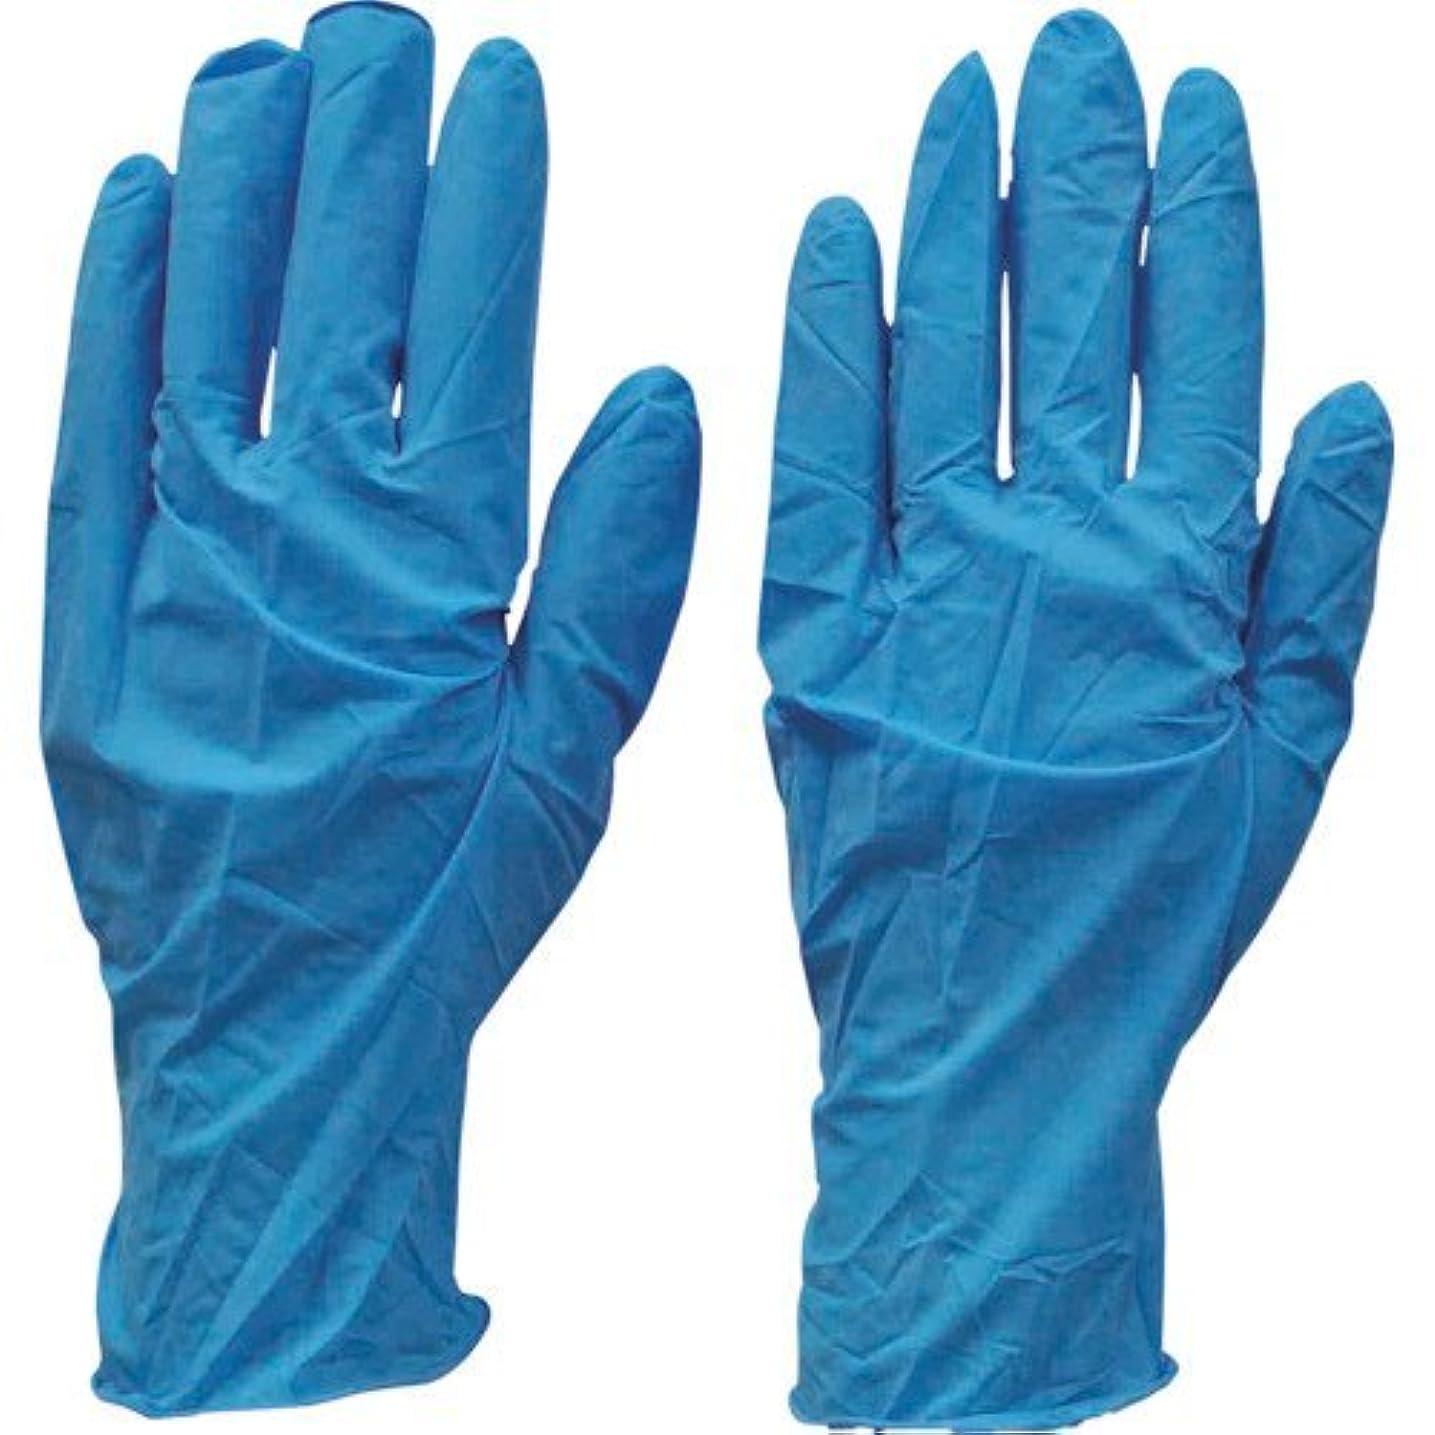 オーストラリア人バングラデシュエジプトダンロップ N-211 天然ゴム極うす手袋100枚入 Lブルー N211LB